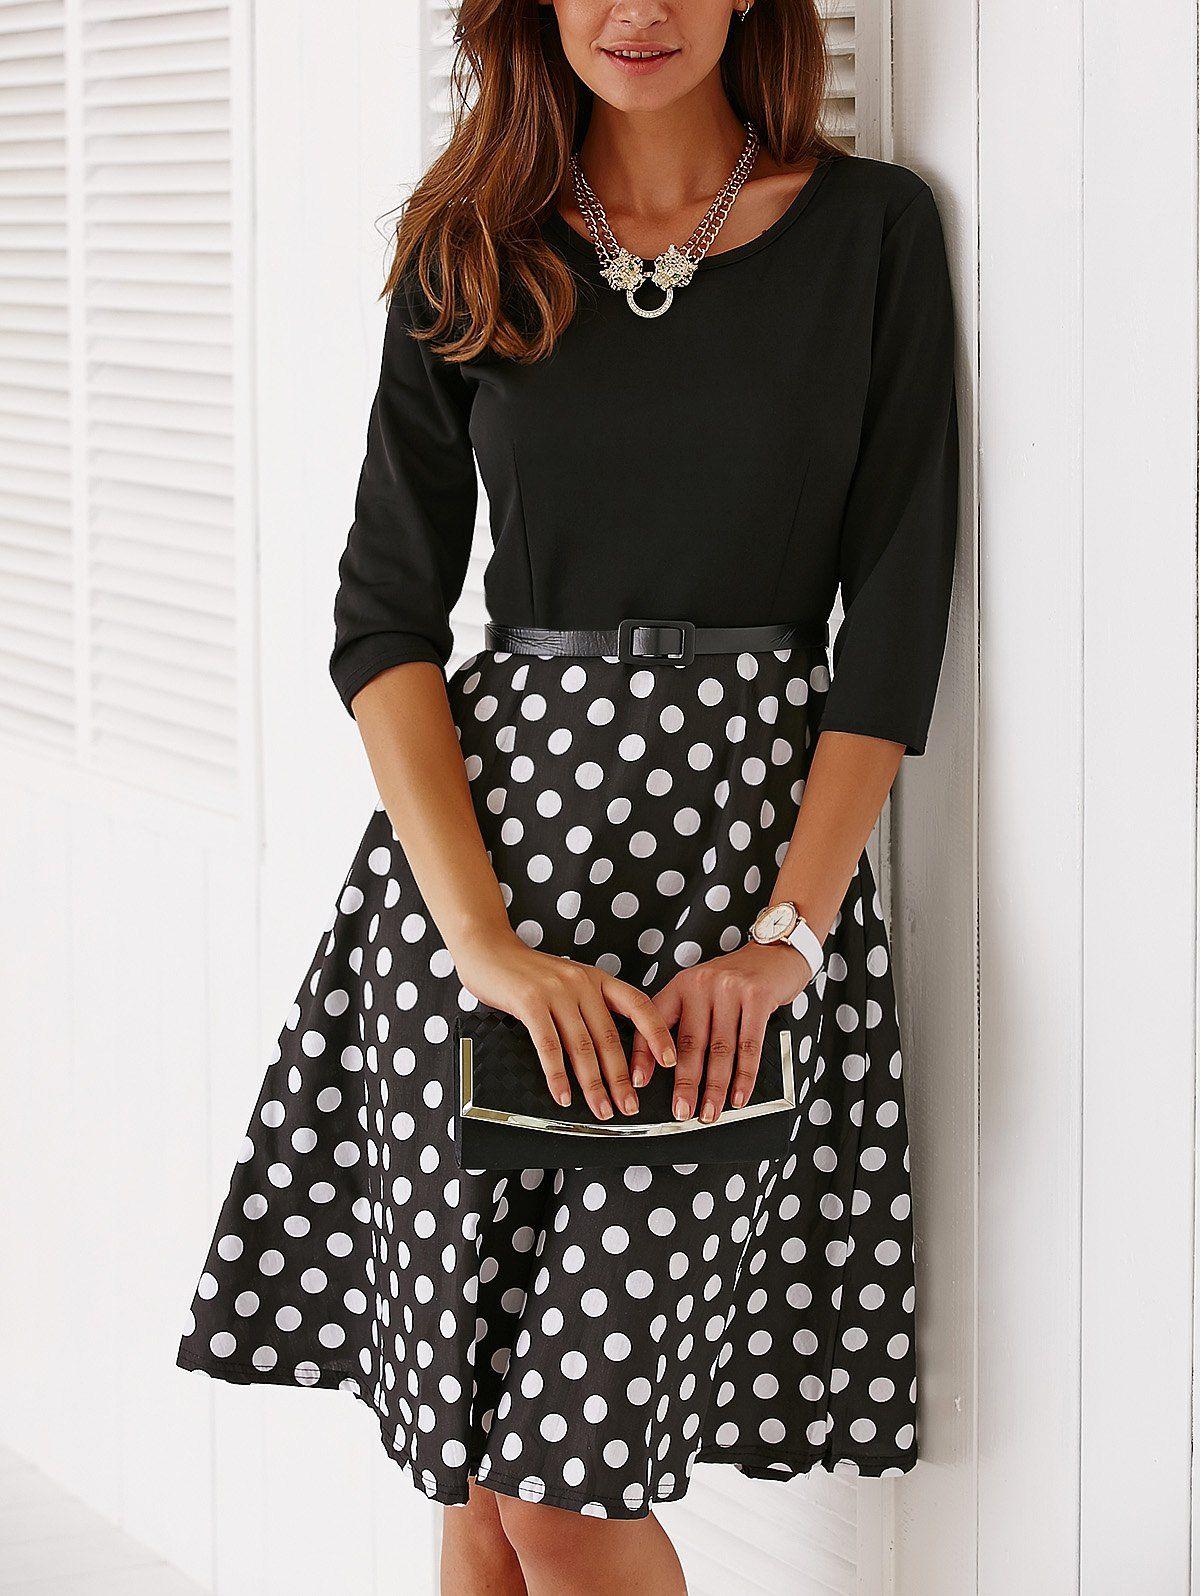 675c7740761 Vintage Belted Knee Length Polka Dot Jewel Neck Dress